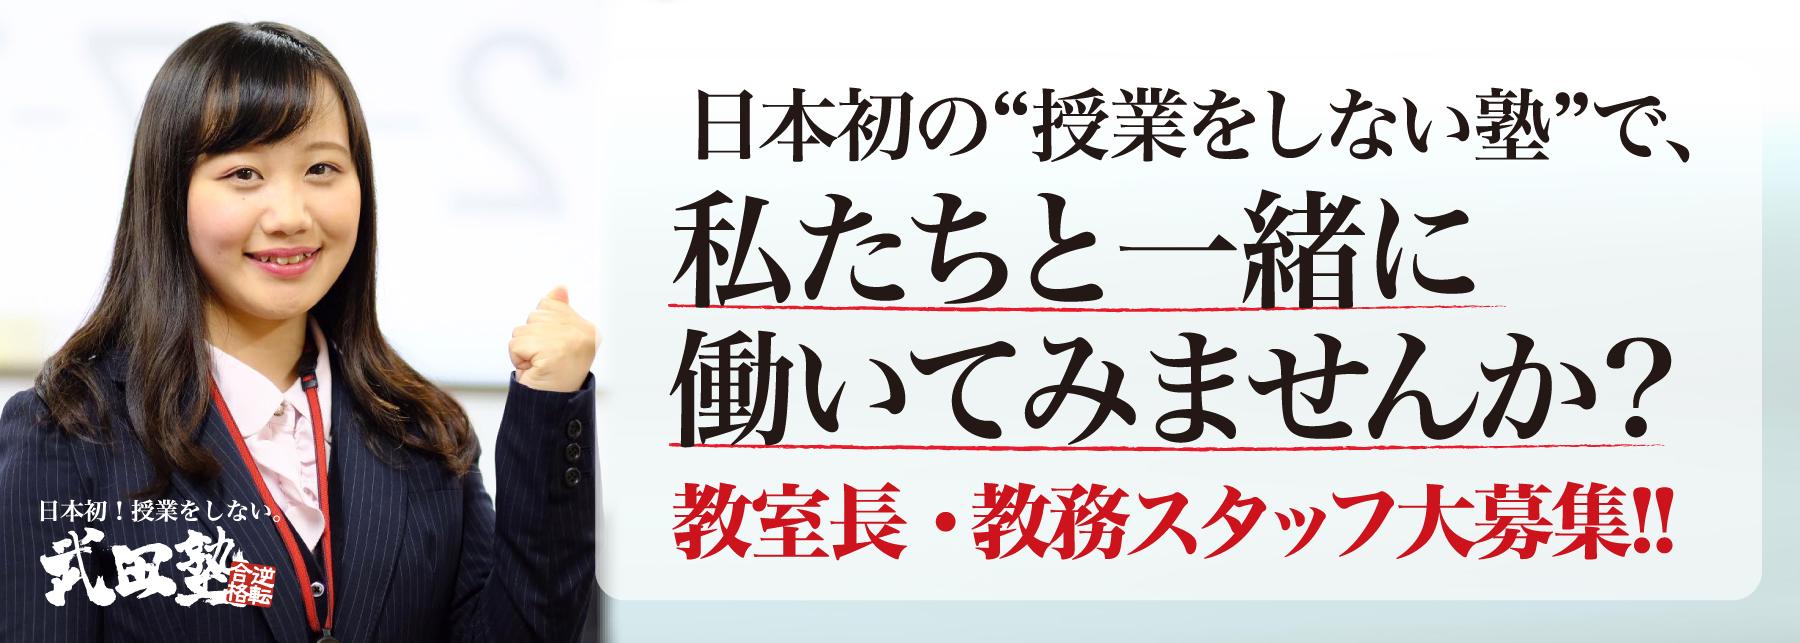 武田塾アルバイト(講師)採用情報